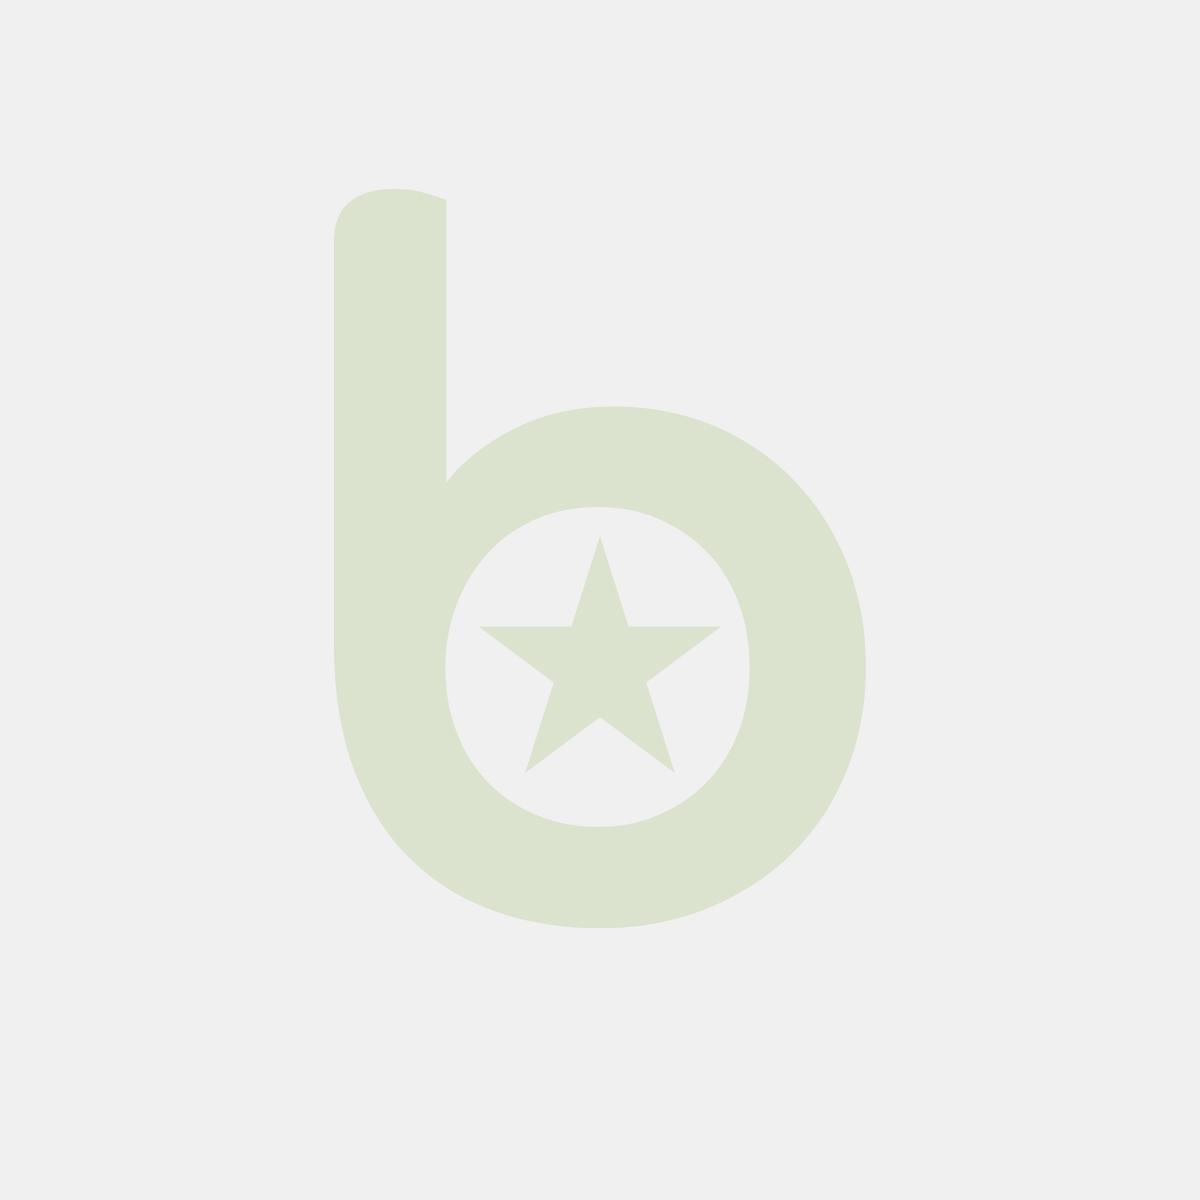 Pokrywka Do Pojemników Gn Z Polipropylenu Gn 1/4